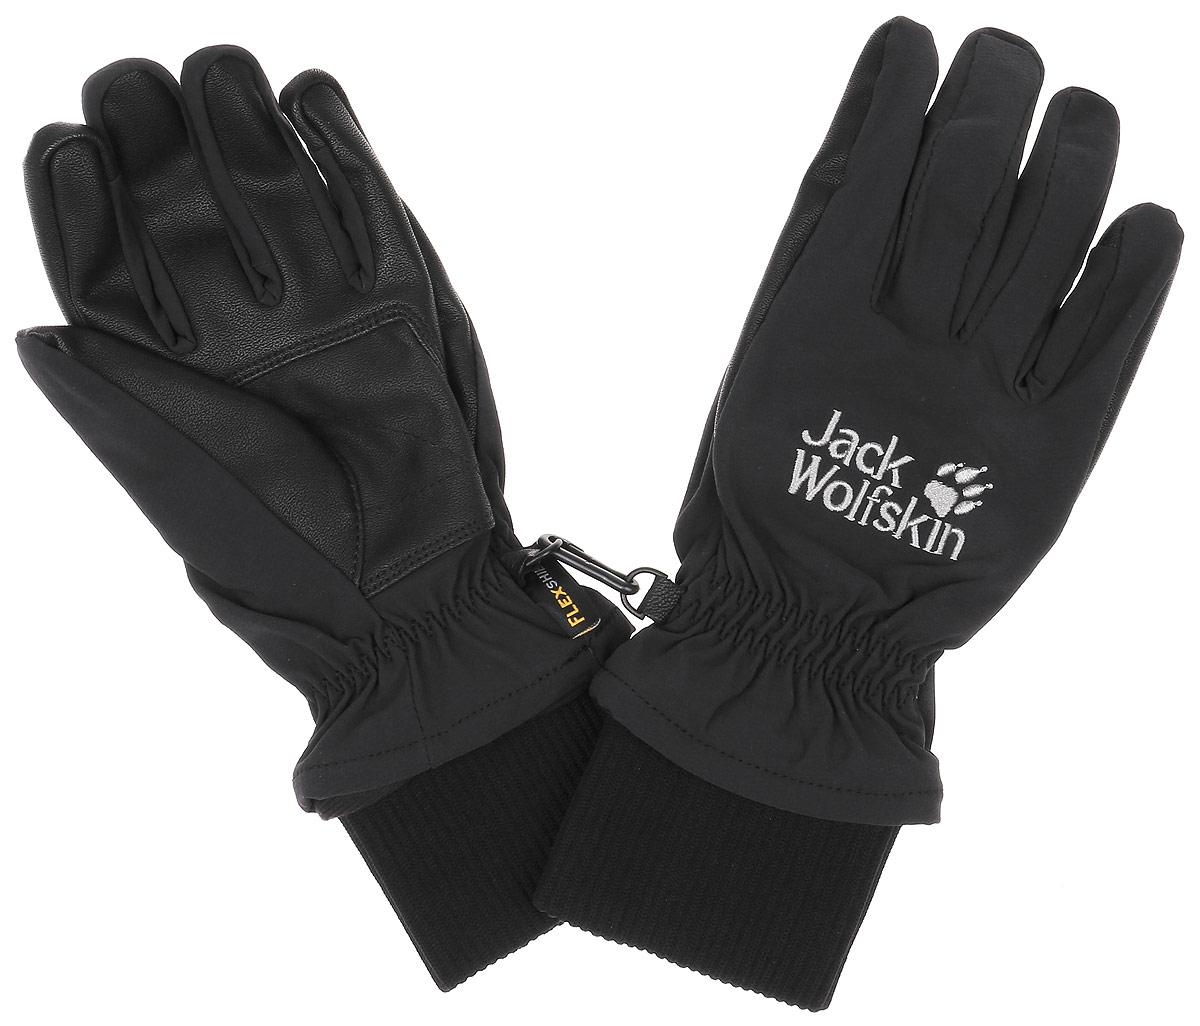 1906021-6000Теплые, хорошо дышащие мужские перчатки Wolfskin Flexshield Basic Glove сохранят тепло и комфорт при ветре и в зимнюю непогоду. Модель выполнена из материала FLEXSHIELD BASIC GLOVE - софтшелл для холодного времени года. Они обладают водостойкими и непродуваемыми свойствами и особенно хорошо дышат, чтобы ваши руки оставались на улице сухими и теплыми. Перчатки изготовлены из биэластичного материала, поэтому они повторяют все ваши движения и подойдут для любого активного похода. Внутренняя сторона модели выполнена из теплой подкладки с функцией регулирования влажности, обеспечивающую дополнительное тепло. Дополнена модель фирменной нашивкой с названием бренда.